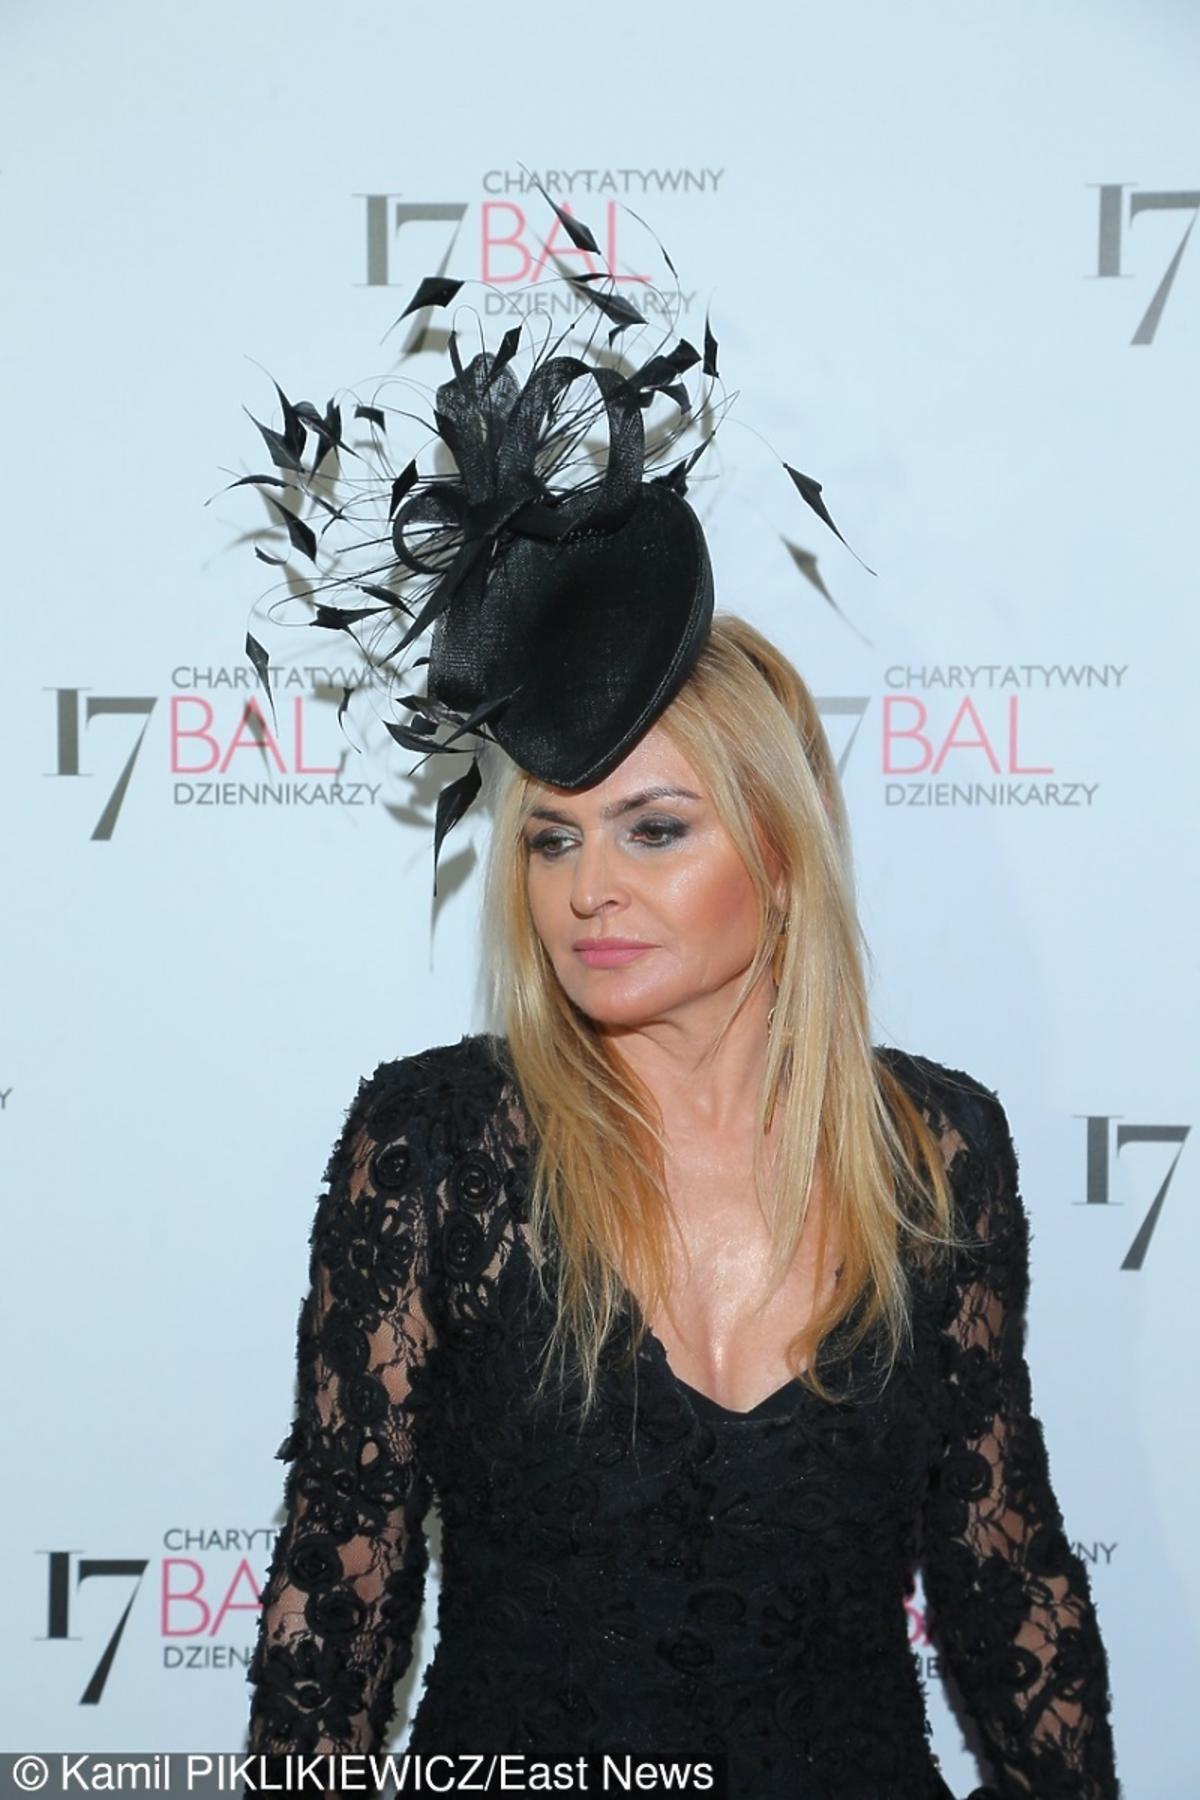 Monika Olejnik w czarnej koronkowej sukni ze stroikime na głowie